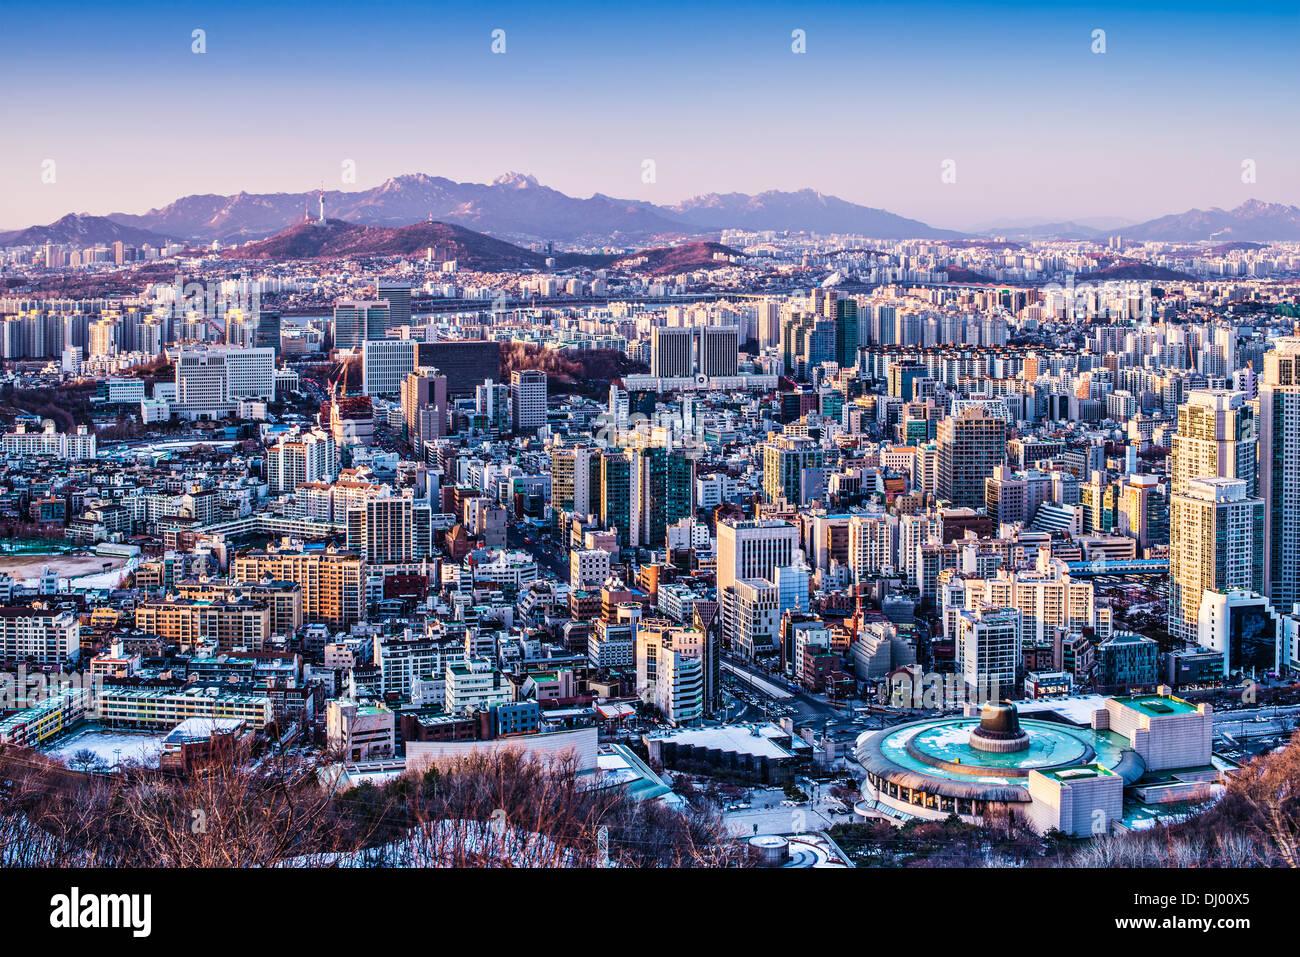 Seoul, South Korea afternoon skyline. Stock Photo